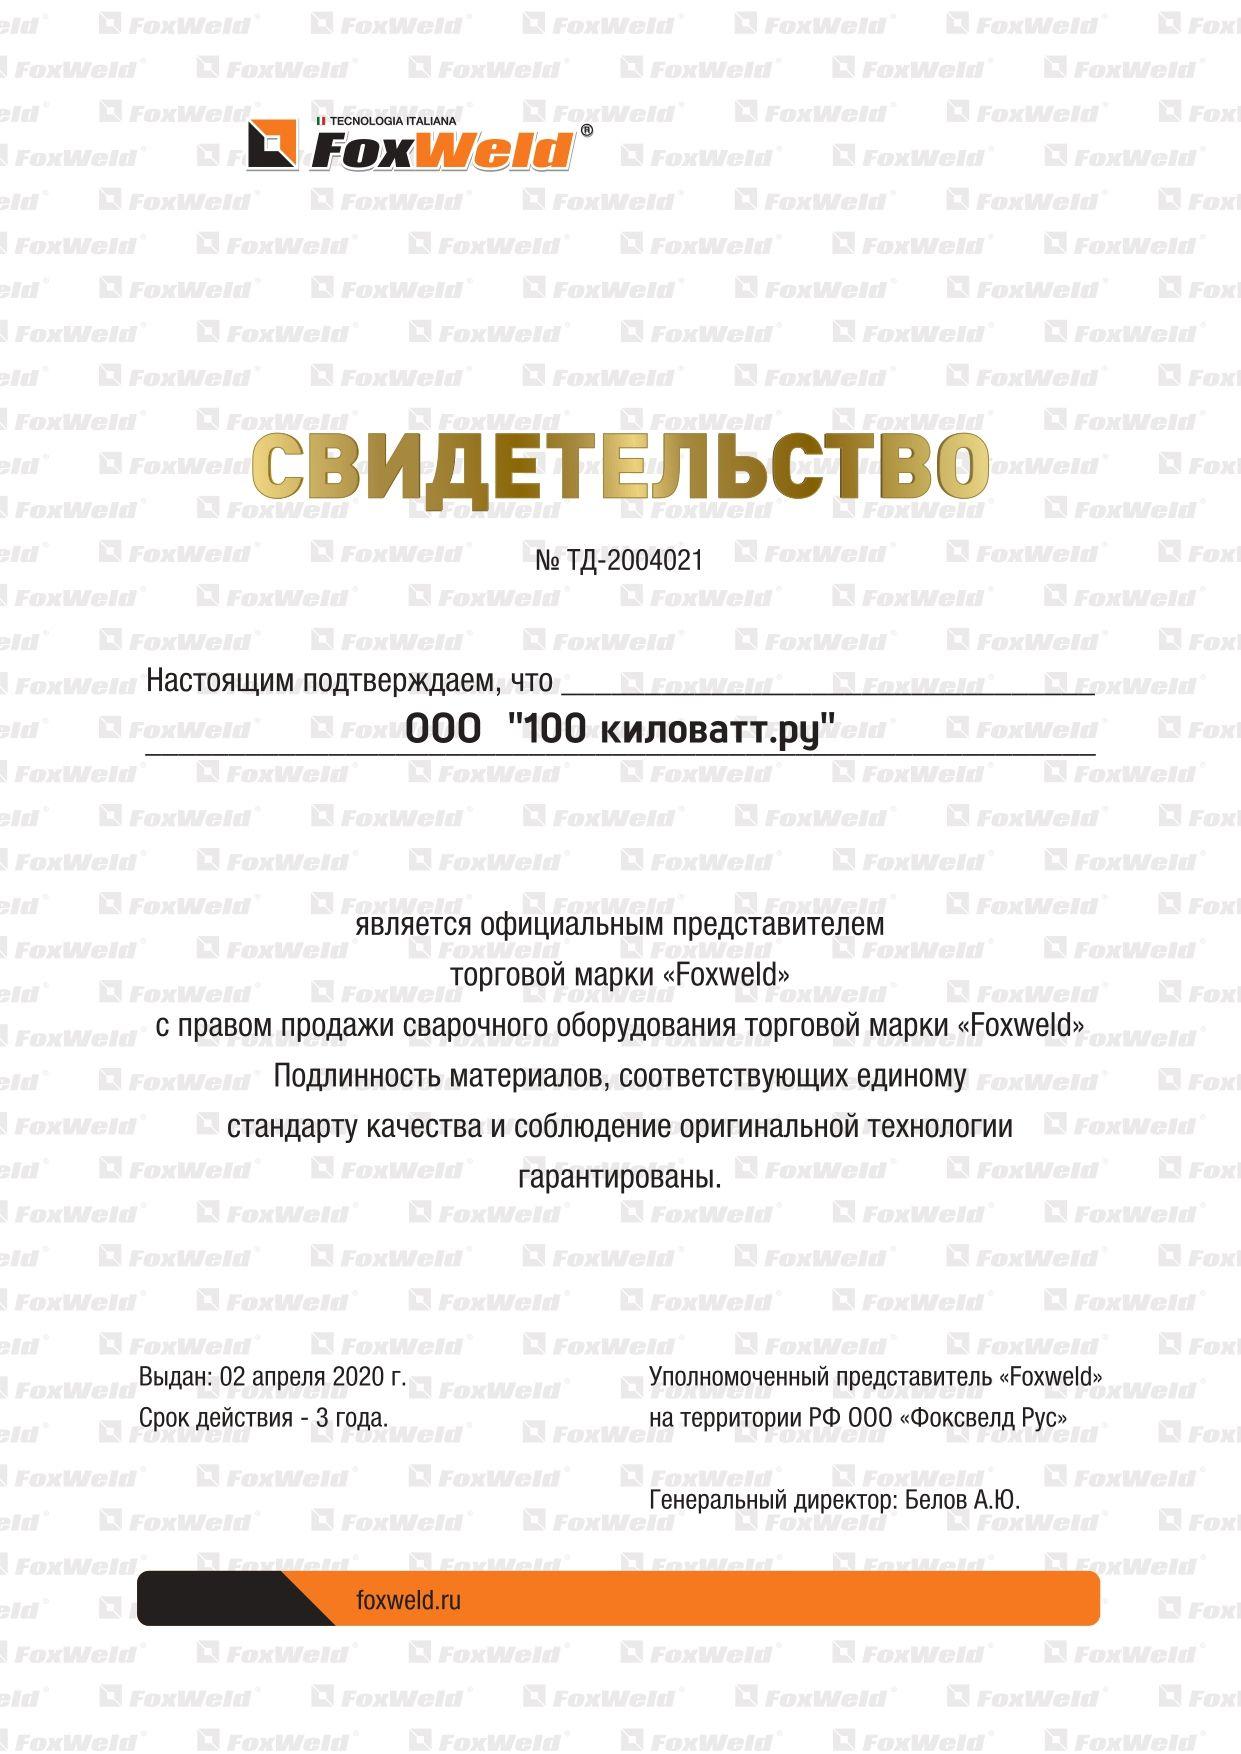 Foxweld Сертификат дилера